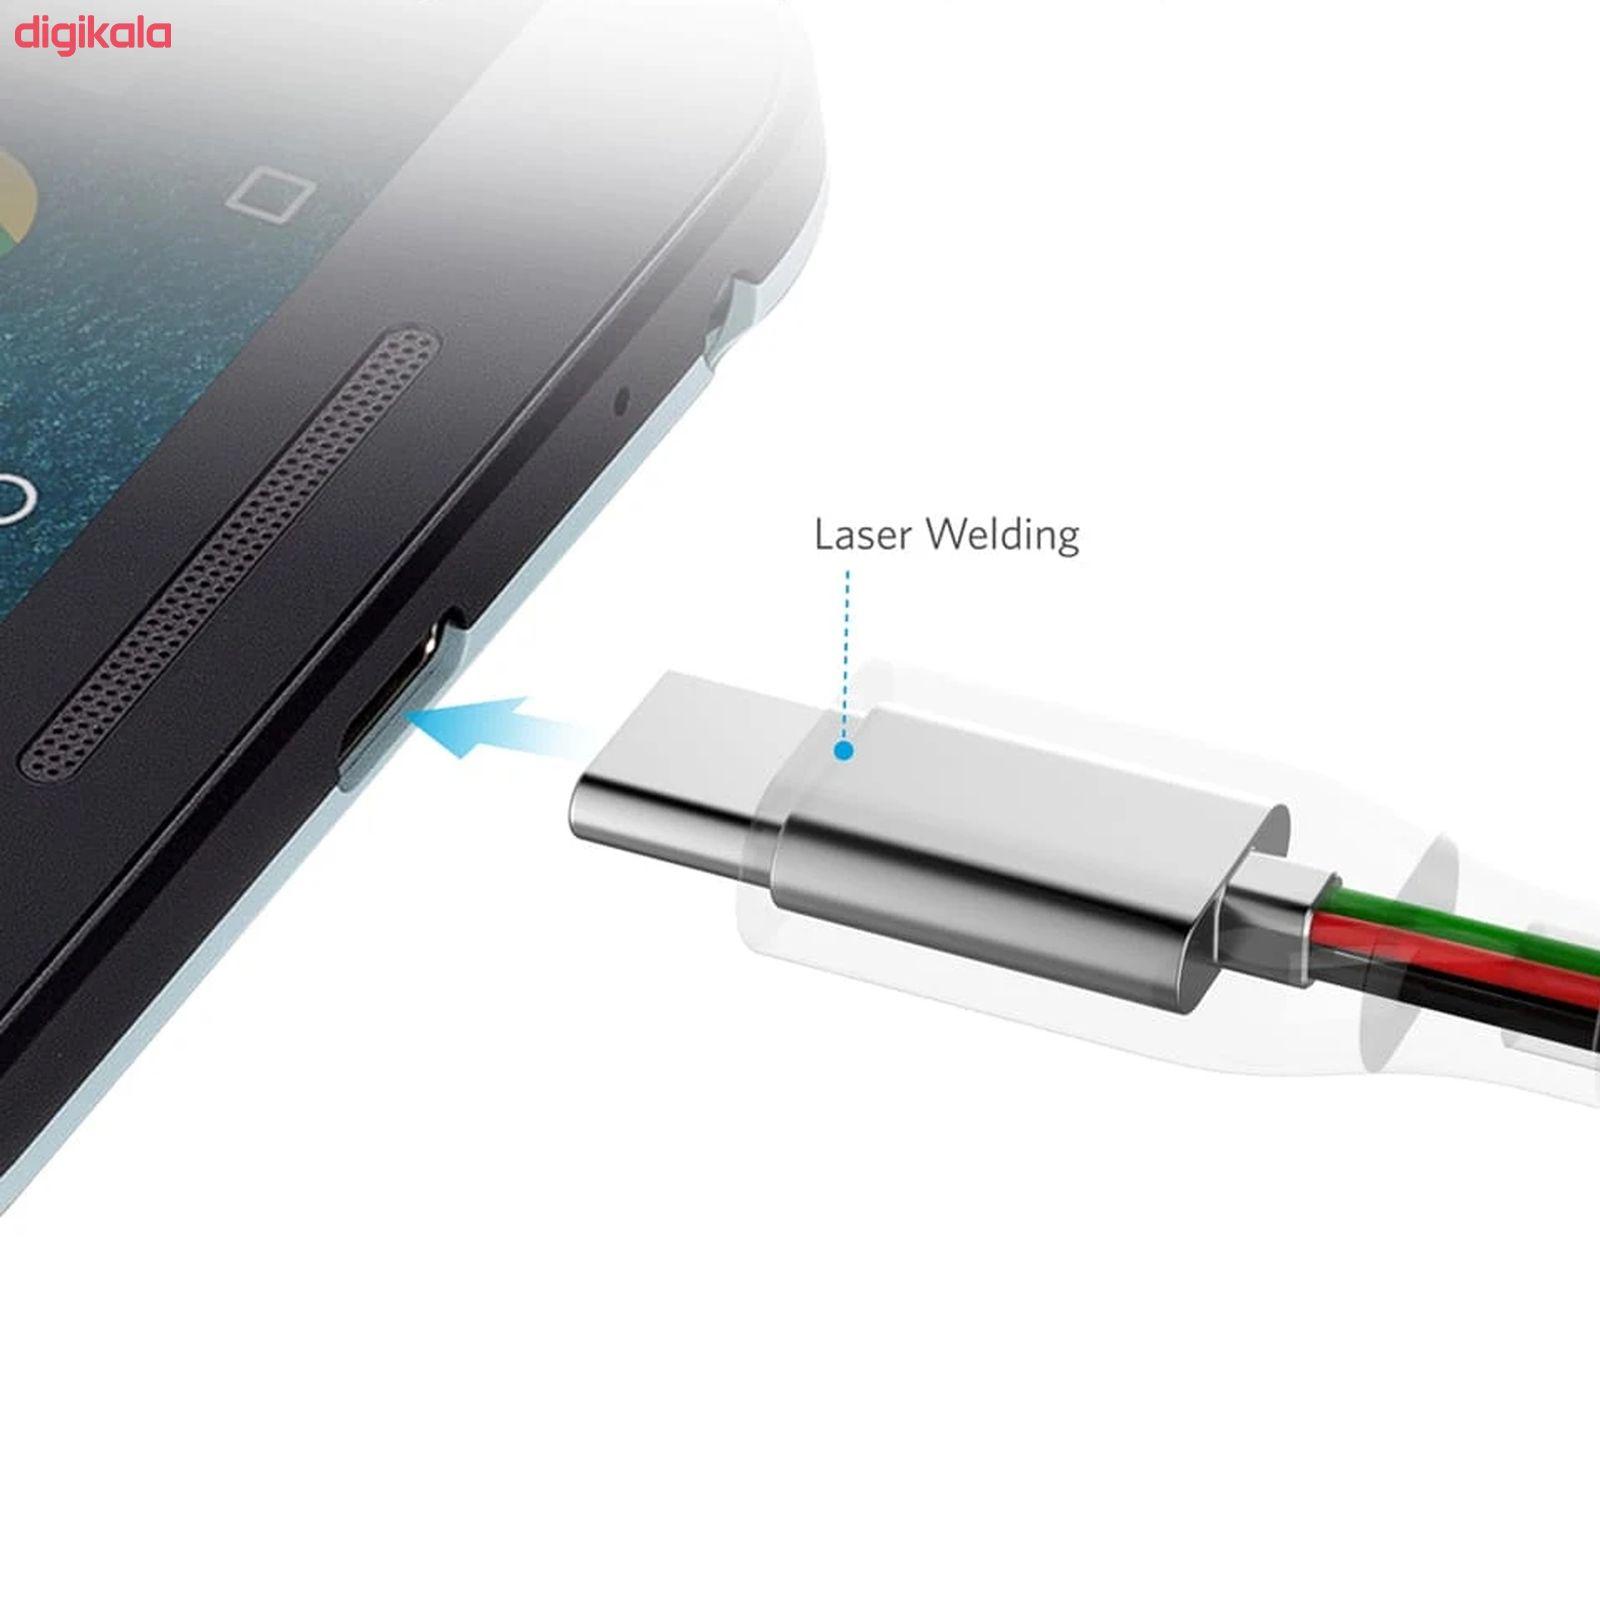 کابل تبدیل USB-C به USB انکر مدل A8168 PowerLine Plus طول 0.9 متر main 1 5